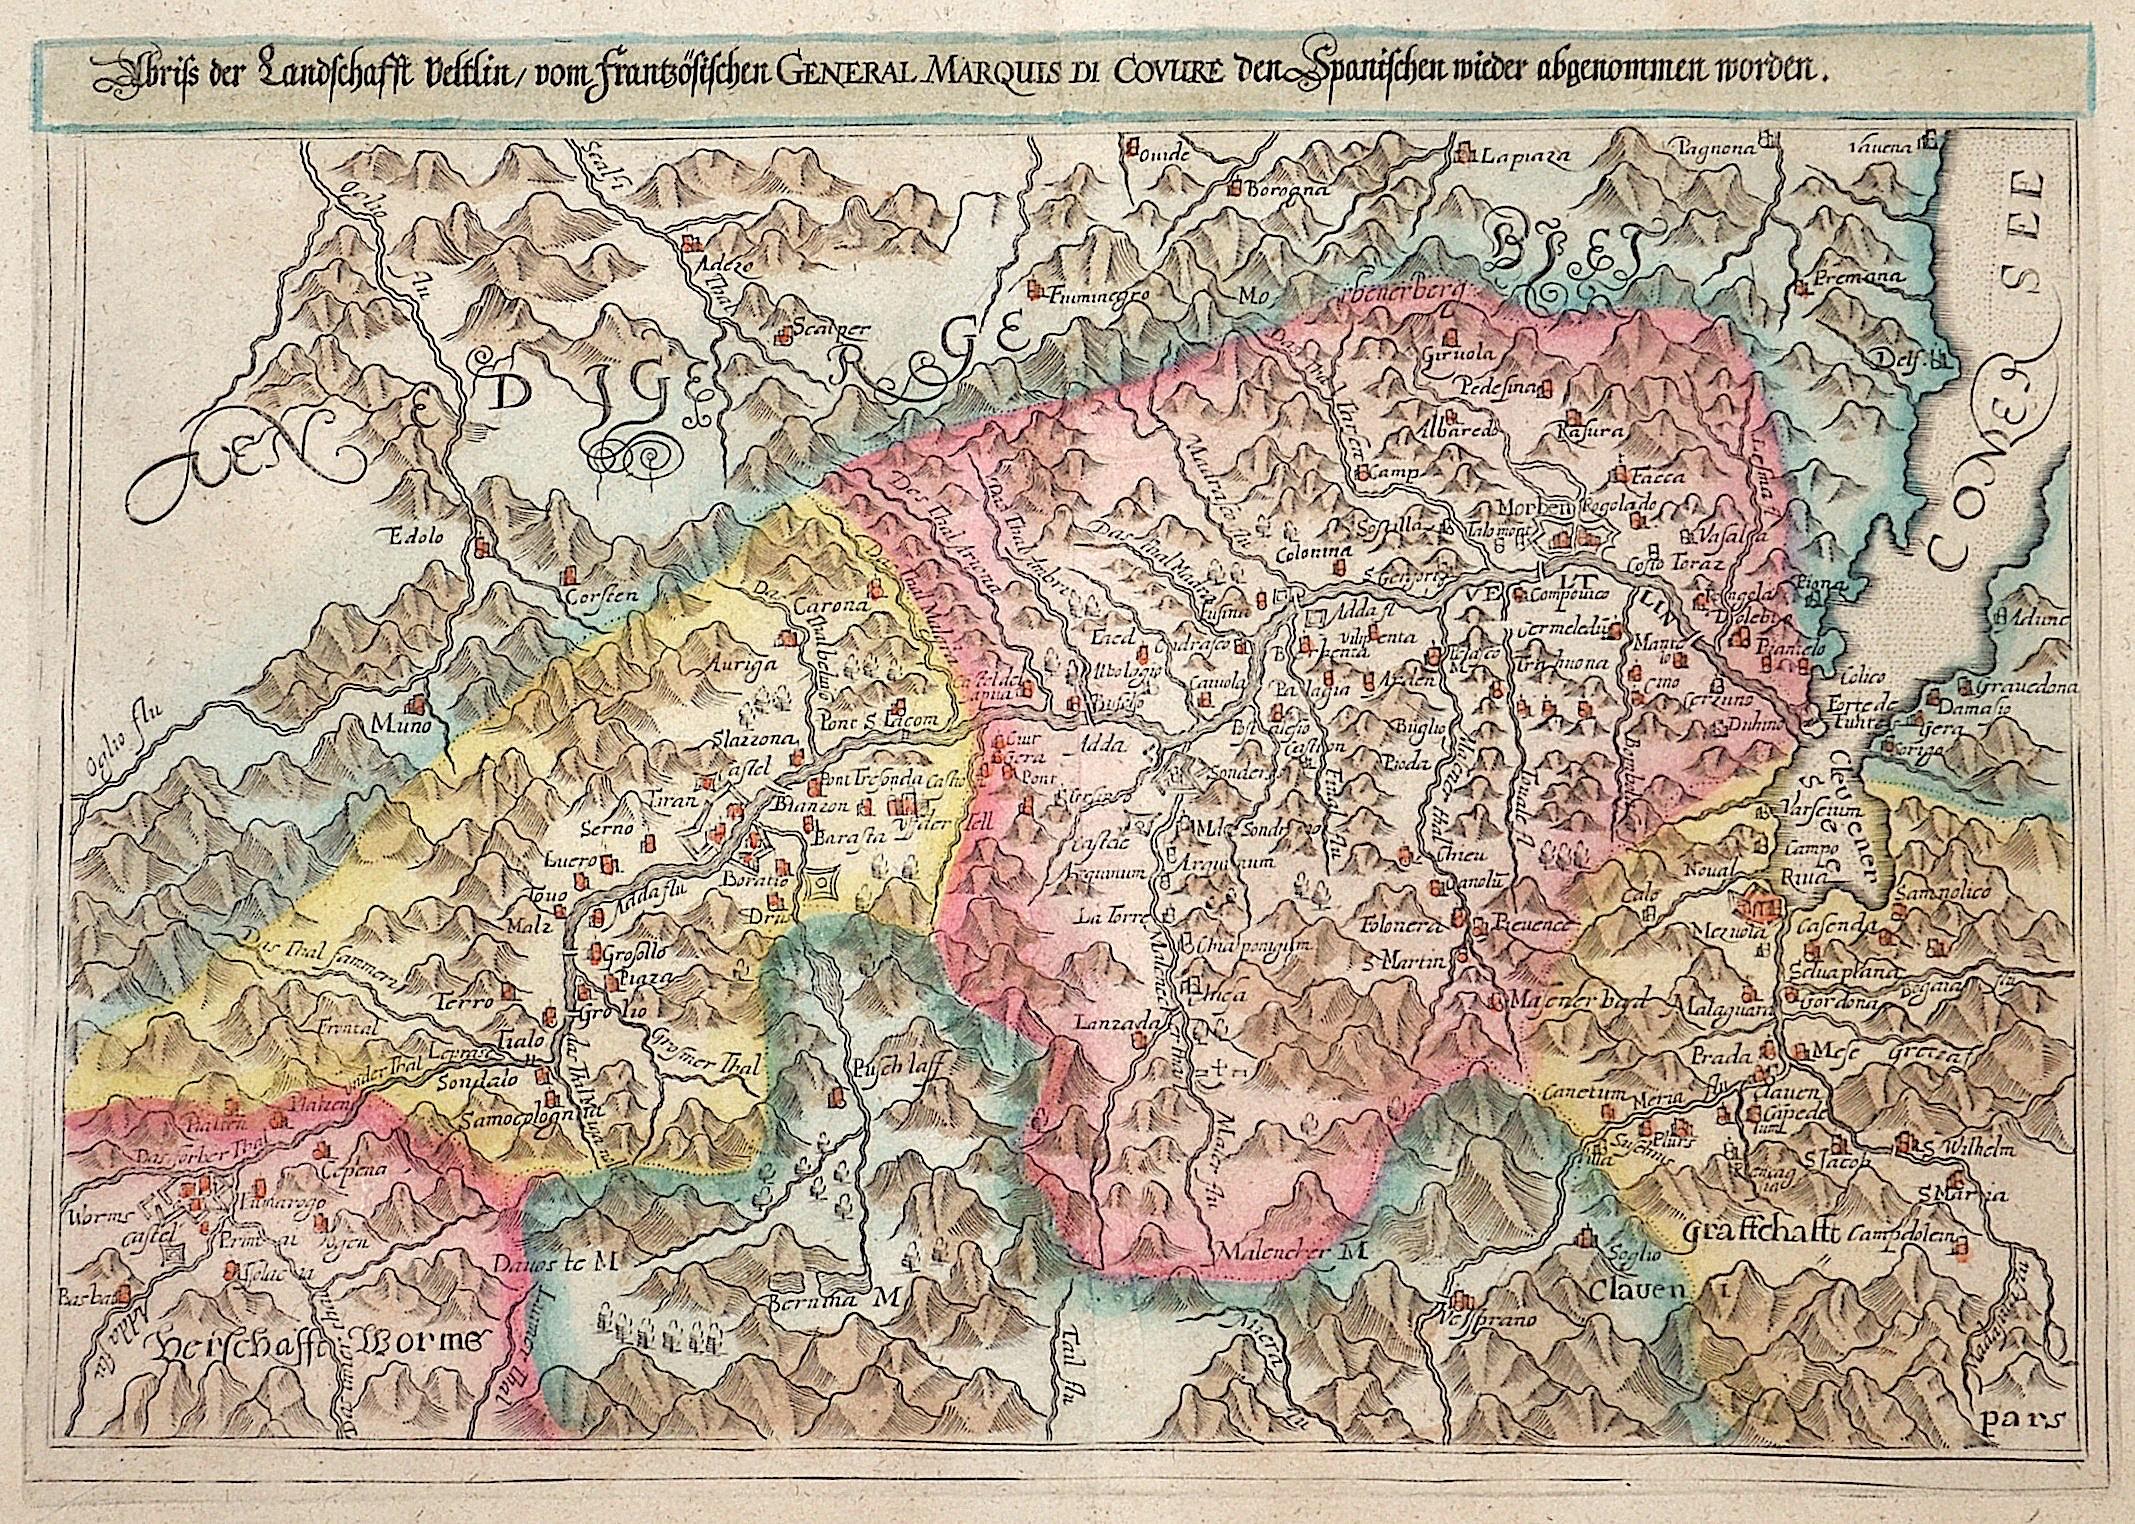 Custos David Abriss der Landschafft Veltlin, vom frantzösischen General Marquis di Covure den Spanischen wieder abgenommen worden.